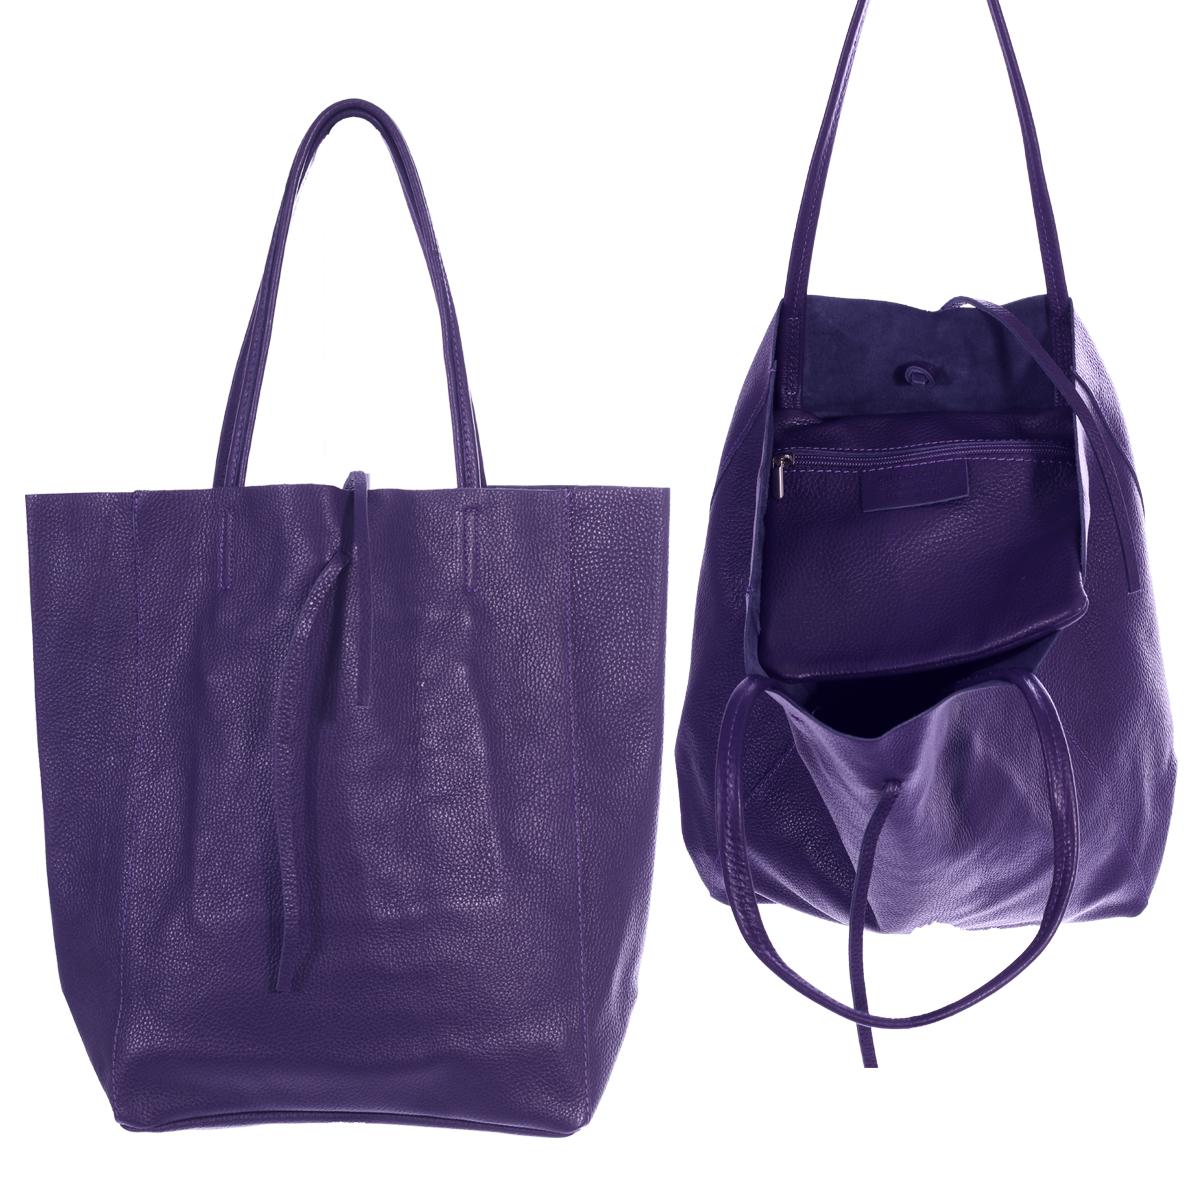 Shopper Henkeltasche mit großer Innentasche aus weichem Leder Lila